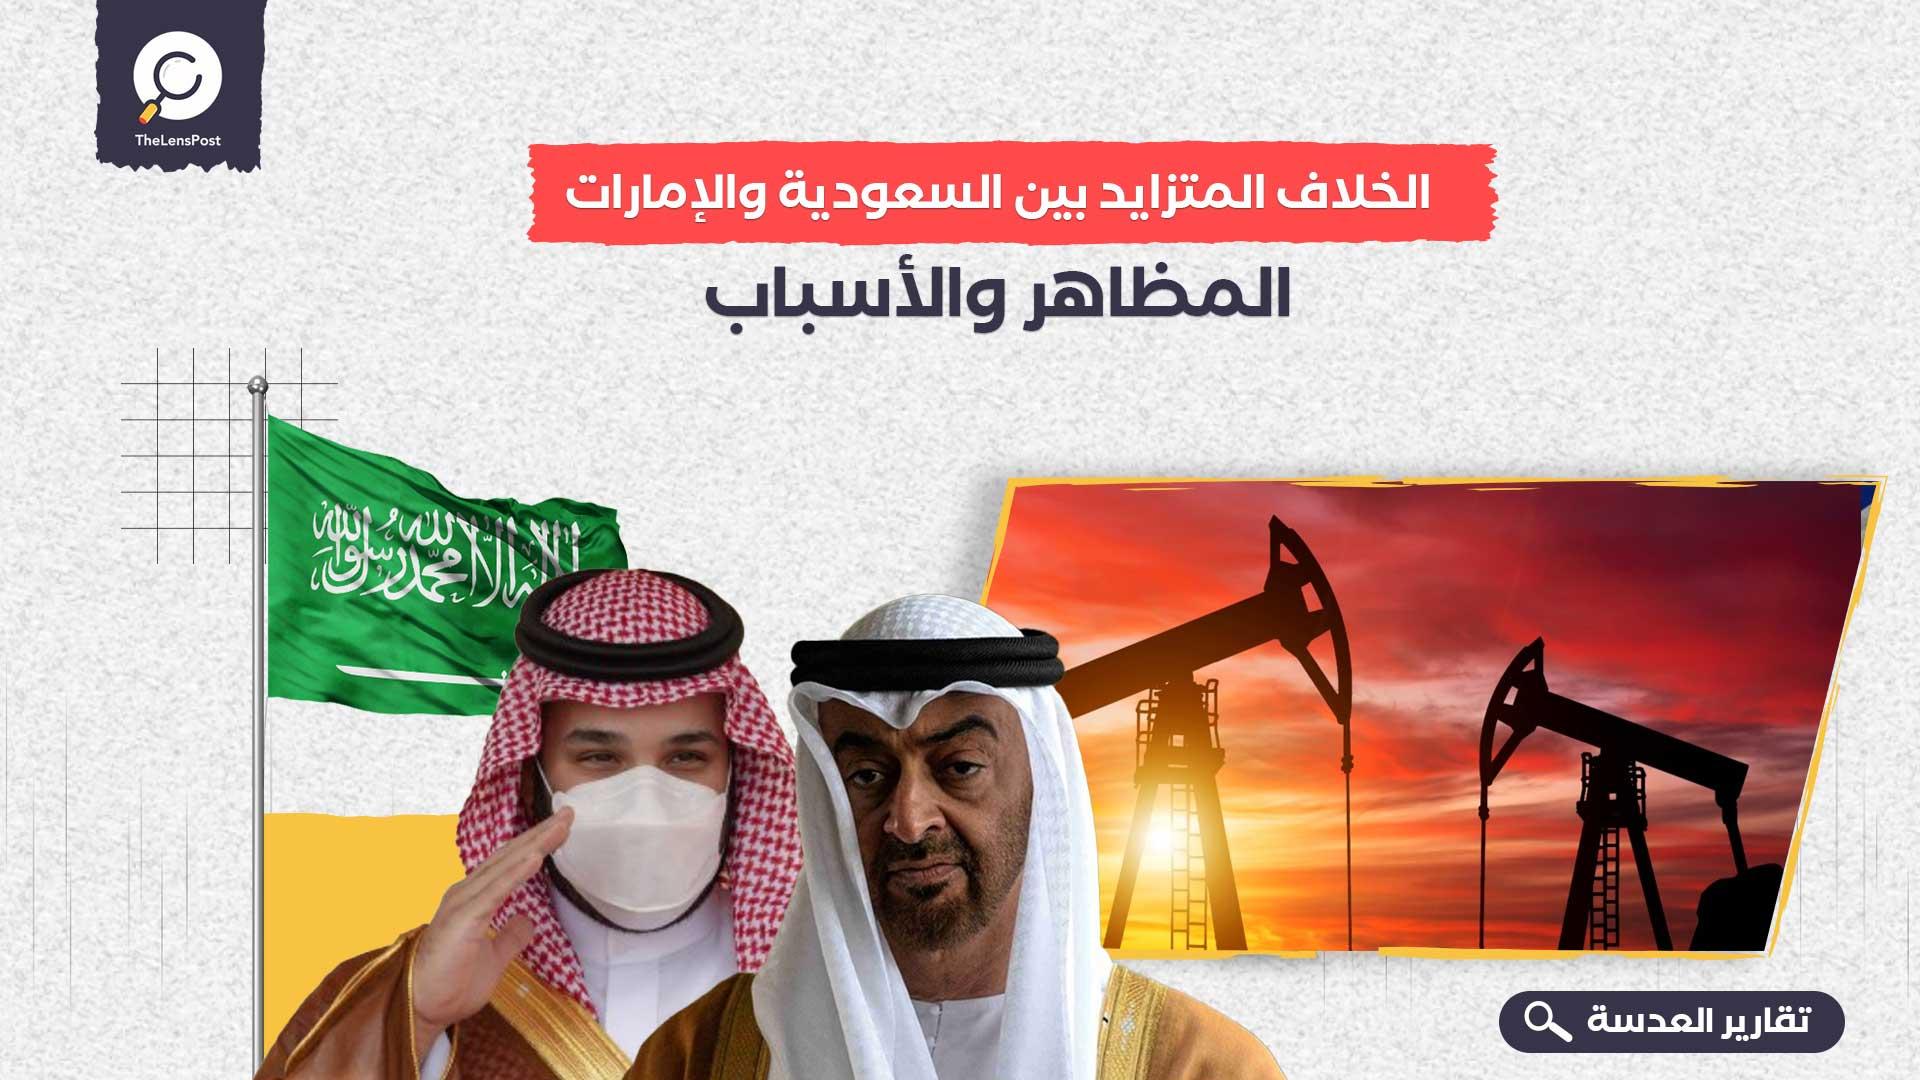 الخلاف المتزايد بين السعودية والإمارات...المظاهر والأسباب